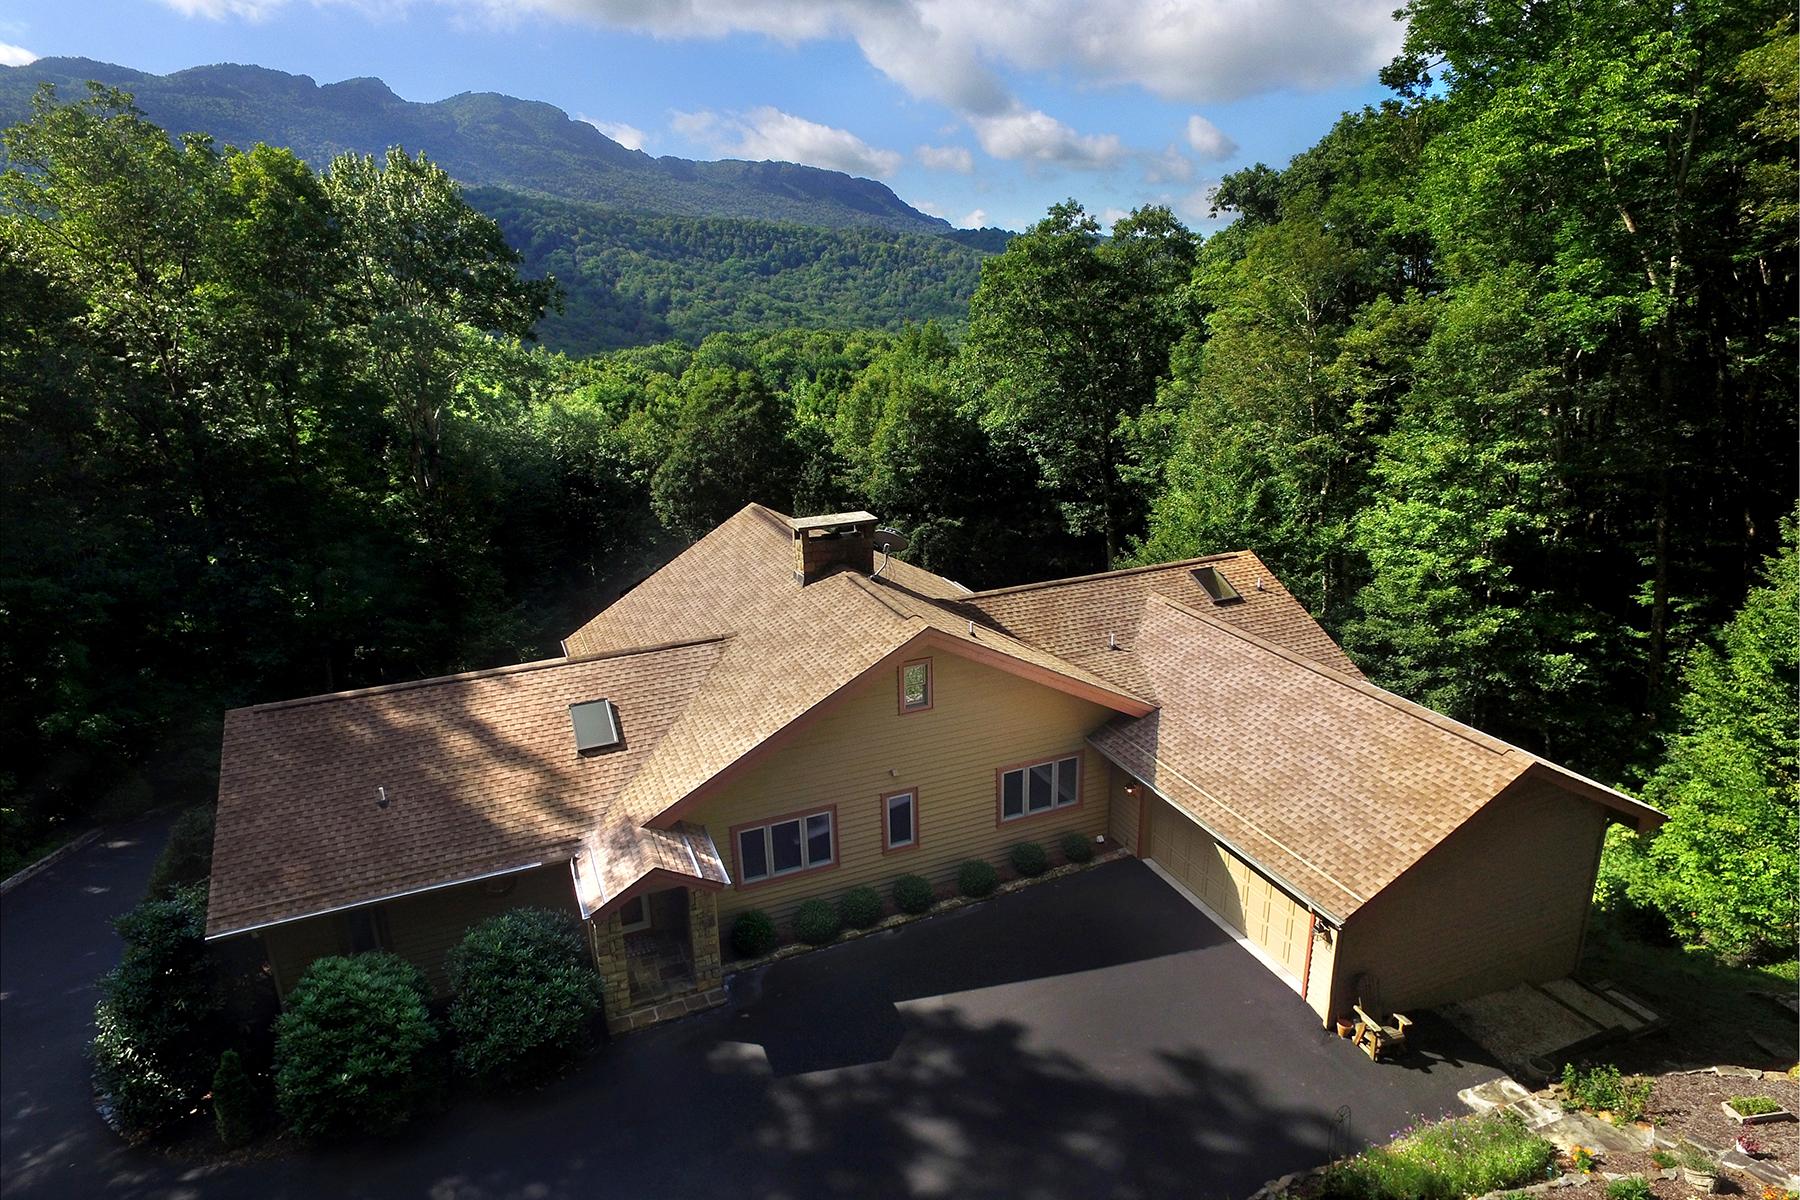 Single Family Home for Sale at BANNER ELK - TYNECASTLE 339 Letterfern Dr, Banner Elk, North Carolina 28604 United States